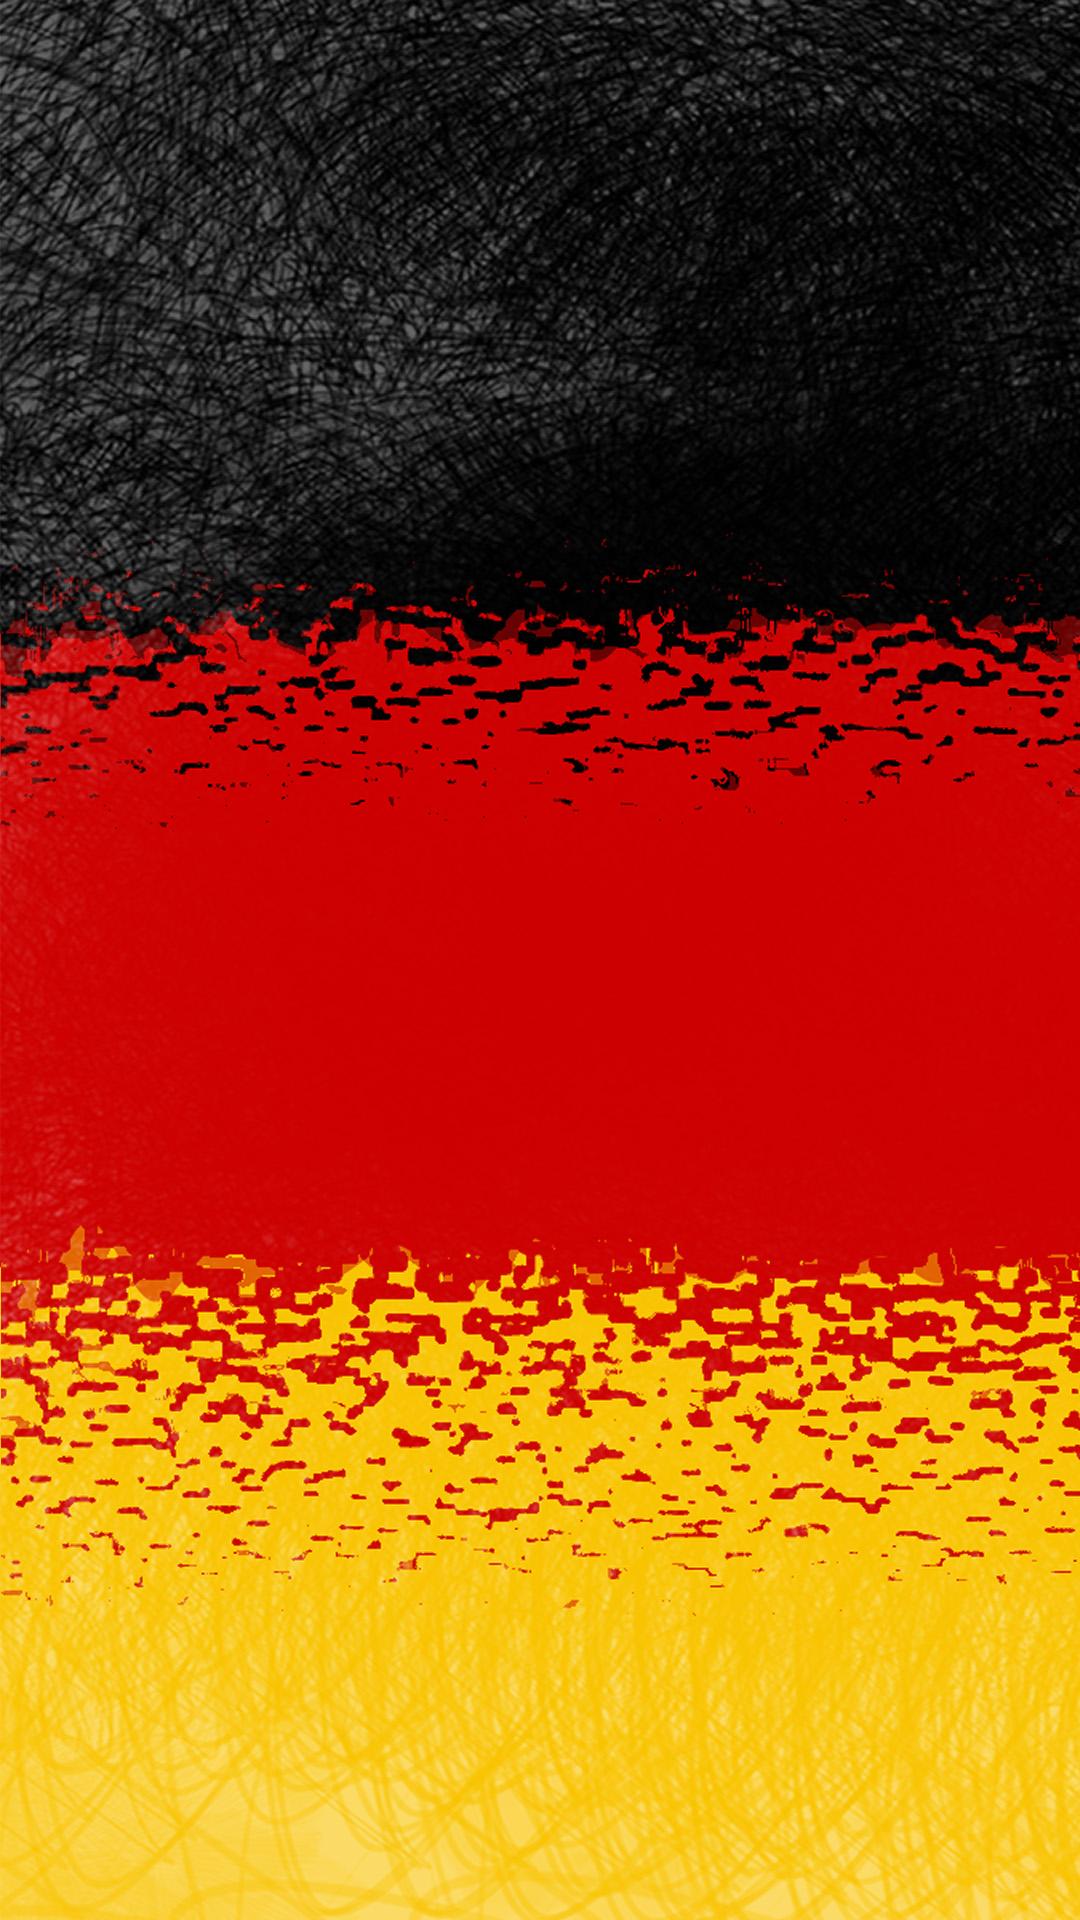 Deutsche Flagge - Handy Bilder